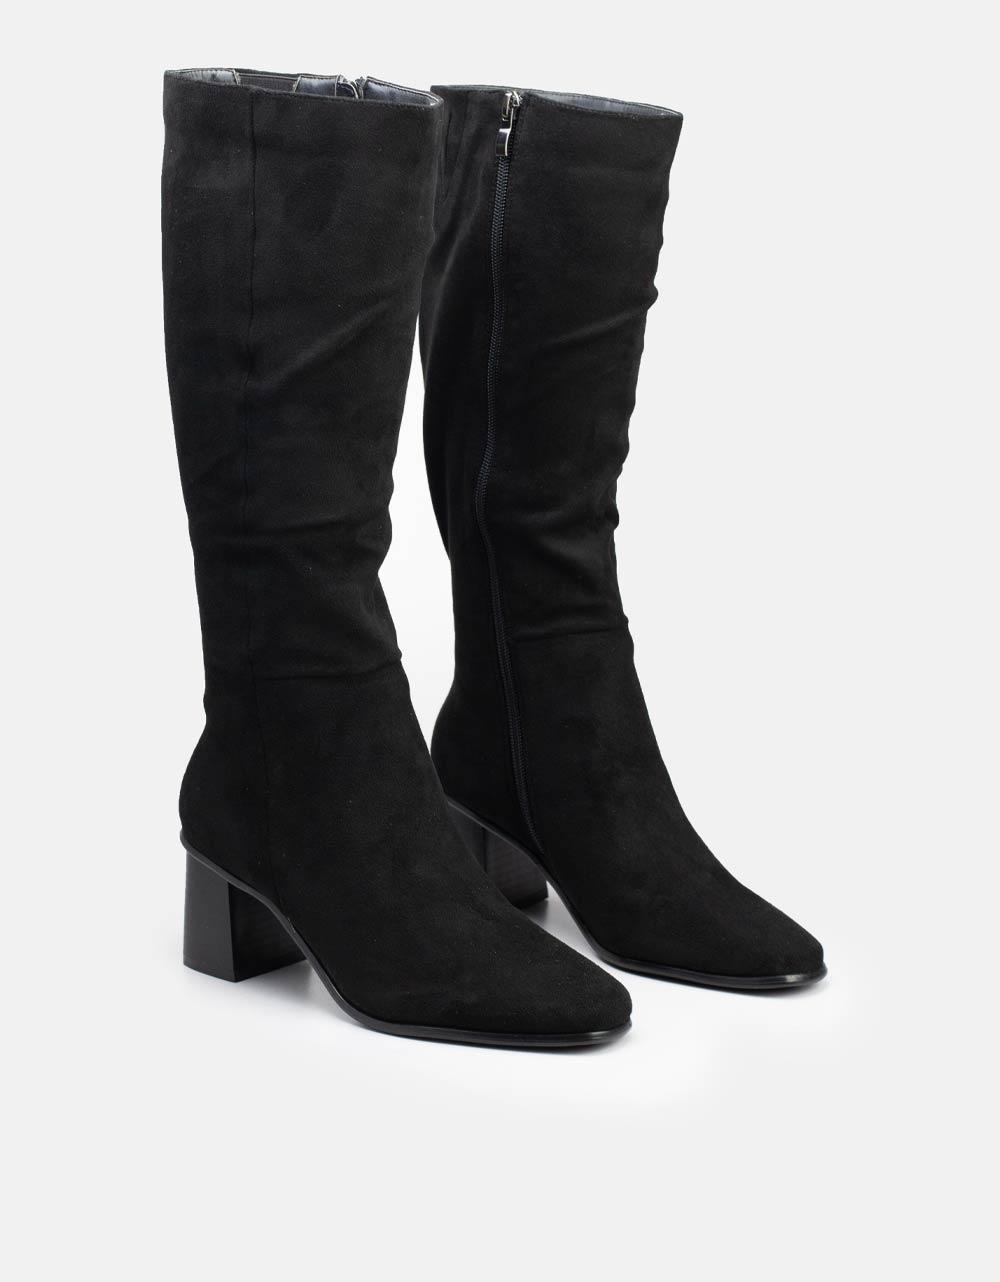 Εικόνα από Γυναικείες μπότες suede με τετράγωνο τακούνι Μαύρο